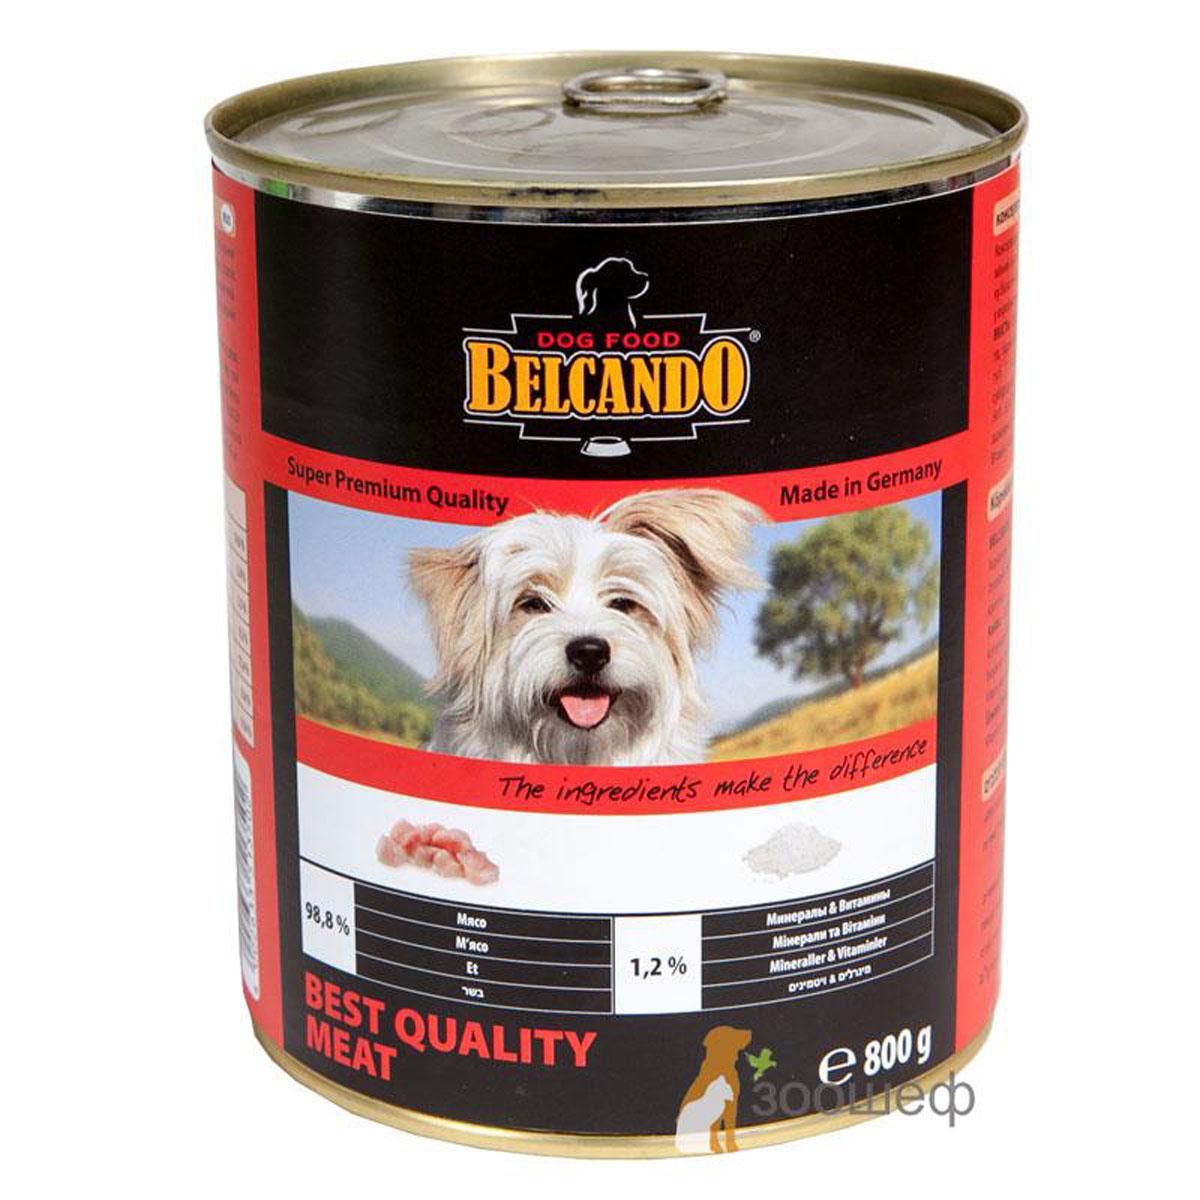 Консервы для собак Belcando, с отборным мясом, 800 г24Консервы Belcando - это полнорационное влажное питание для собак. Подходят для собак всех возрастов. Комбинируется с любым типом корма, в том числе с натуральной пищей. Состав: мясо 98,8%, витамины и минералы 1,2%. Анализ состава: протеин 14 %, жир 5 %, клетчатка 0,2 %, зола 2,5 %, влажность 75,4 %, витамин А 2,500 МЕ/кг, витамин Е 40 мг/кг, витамин D3 250 МЕ/кг, кальций 0,4 %, фосфор 0,16 %.Вес: 800 г.Товар сертифицирован.